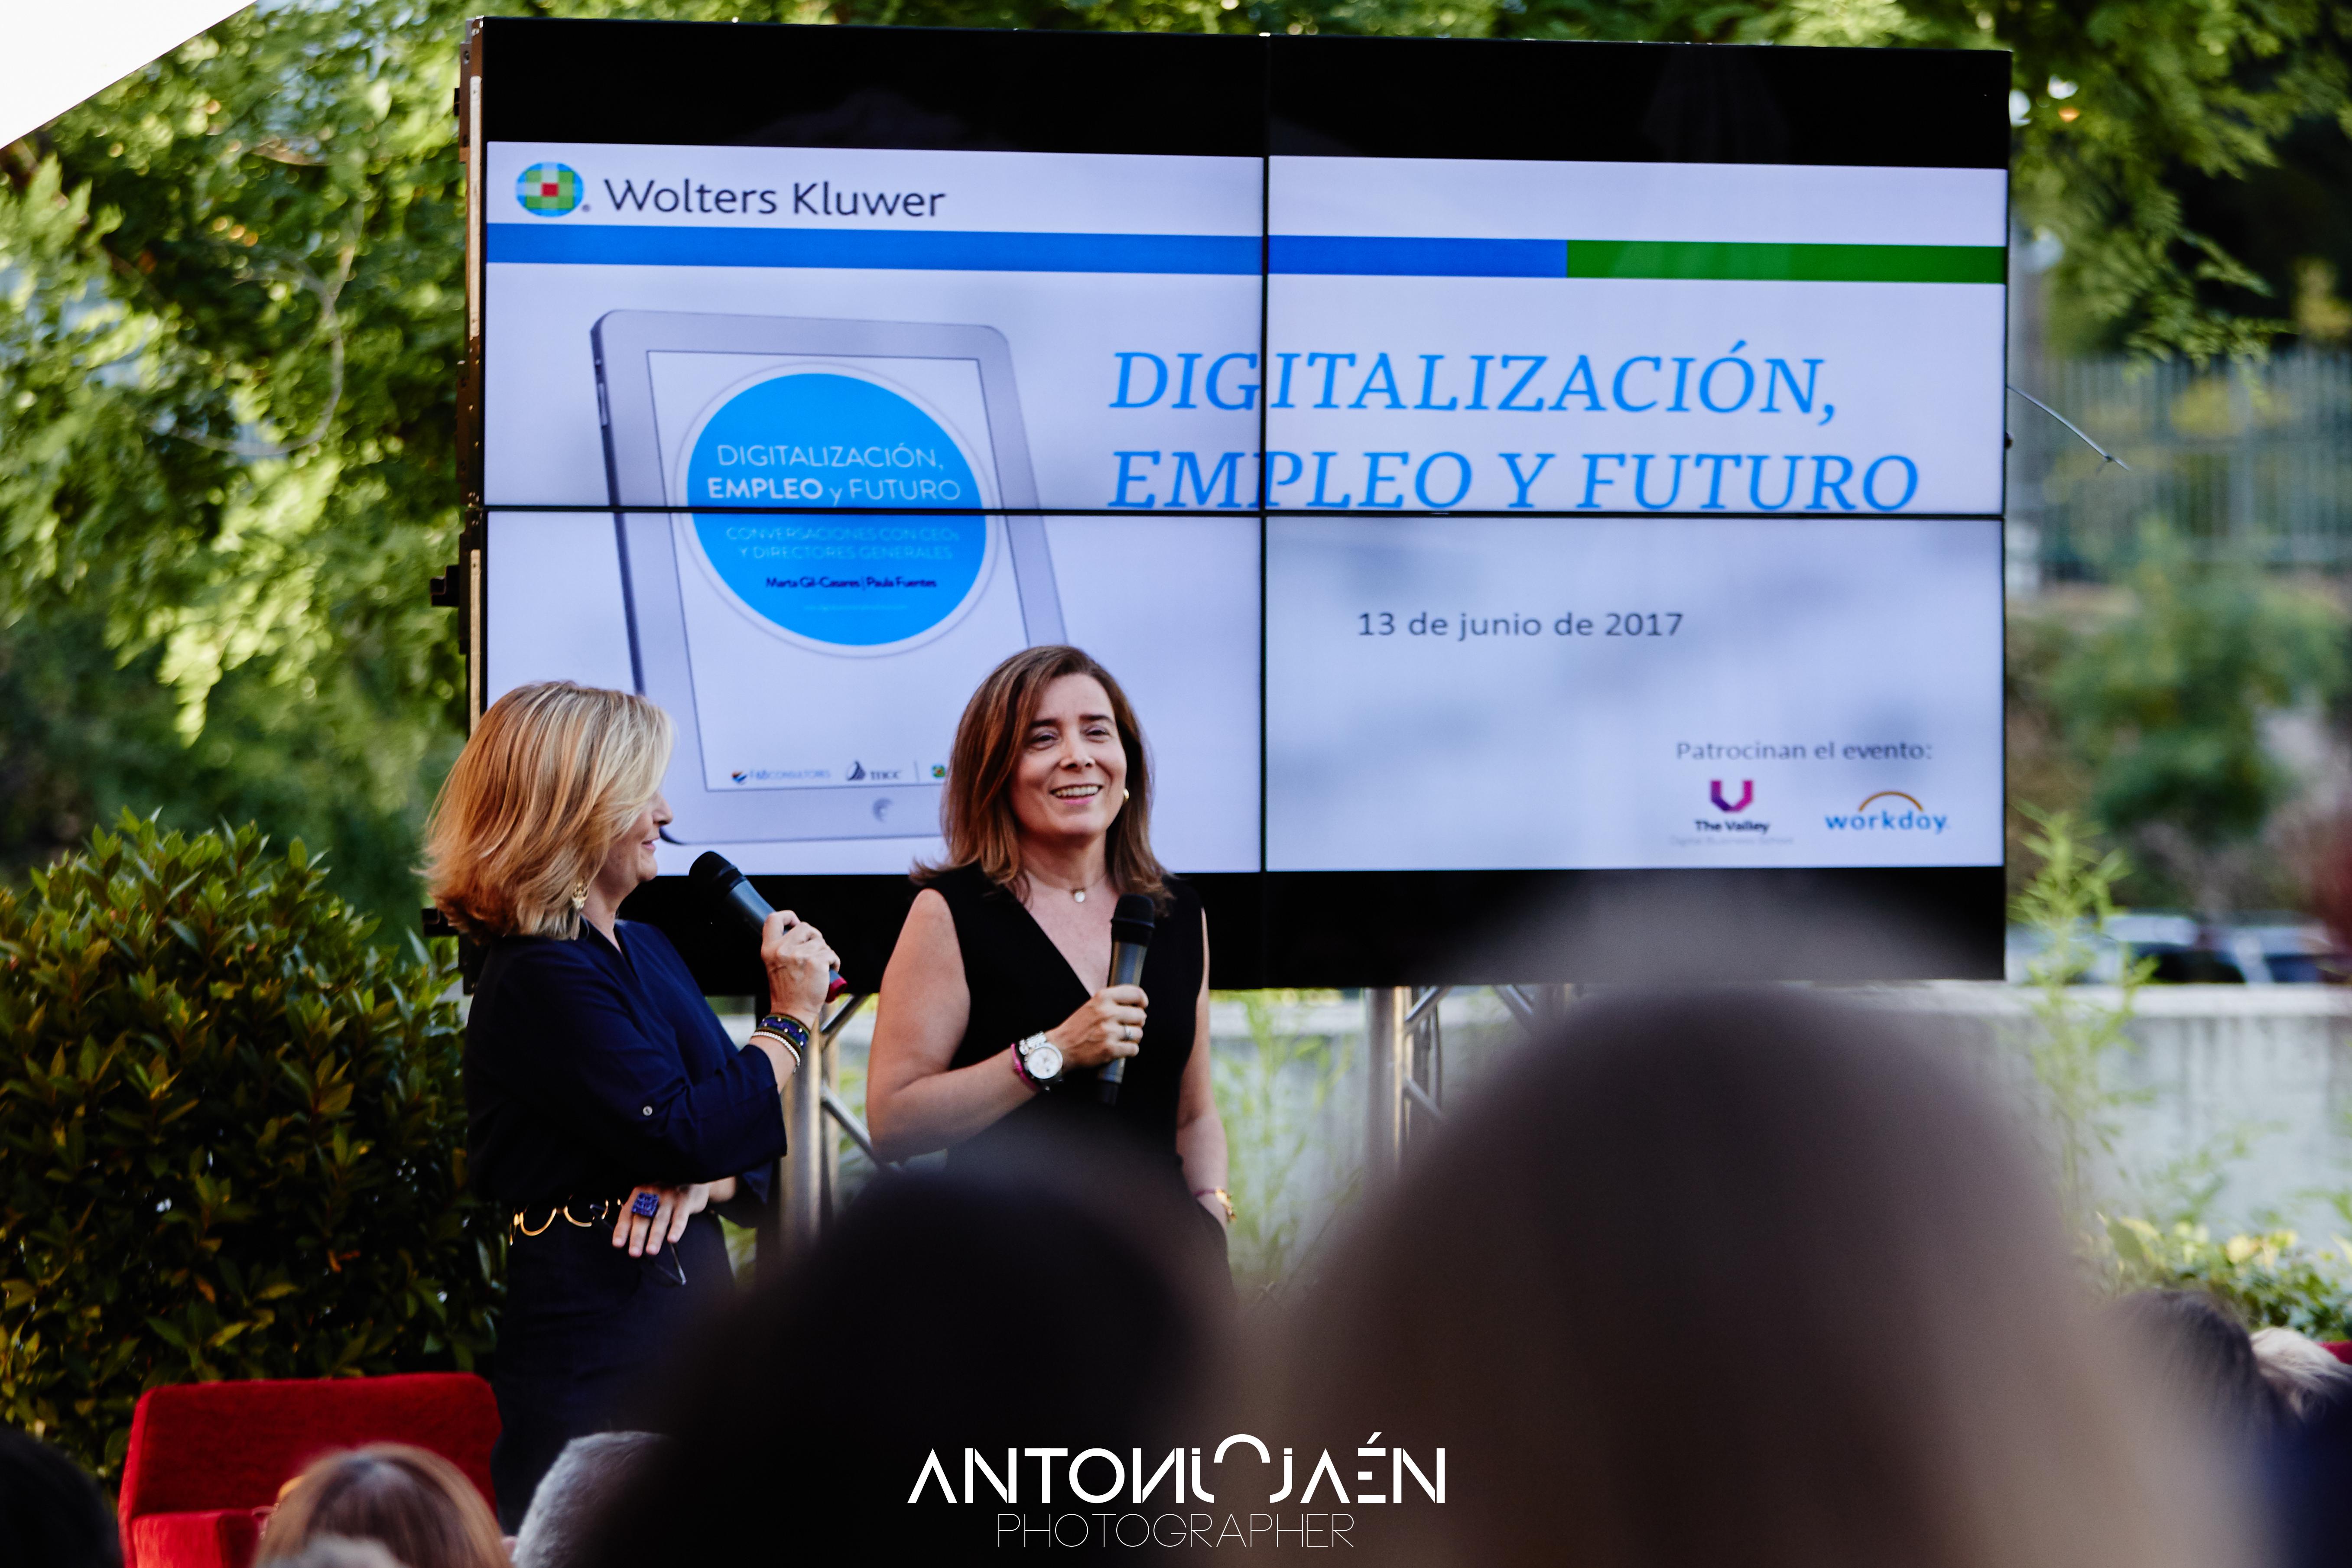 Digitalización, empleo y futuro: Paula Fuentes y Marta Gi-Casares